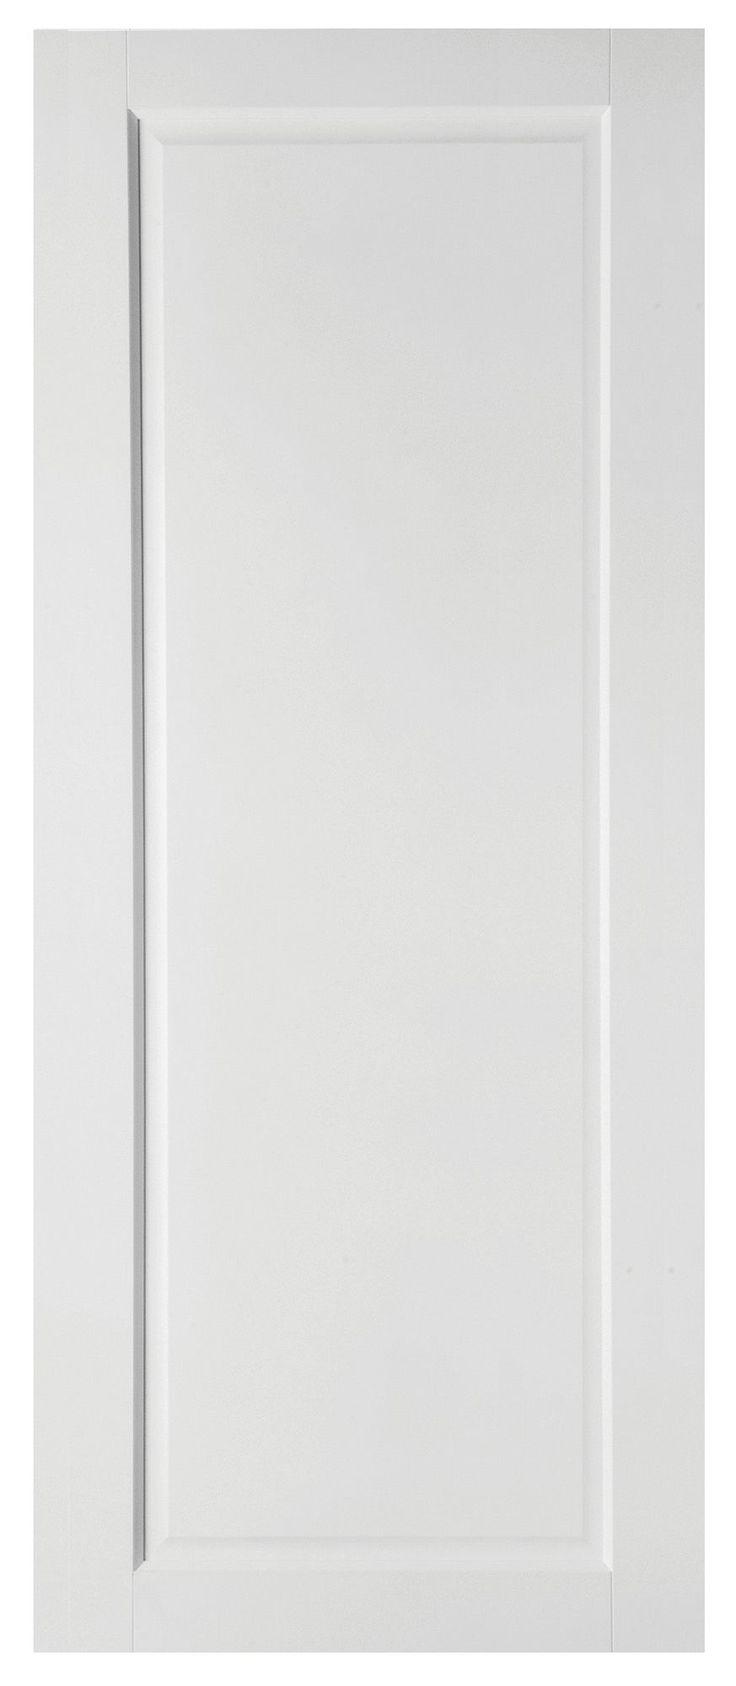 25 best ideas about 1 panel shaker doors on pinterest for 1 panel shaker door